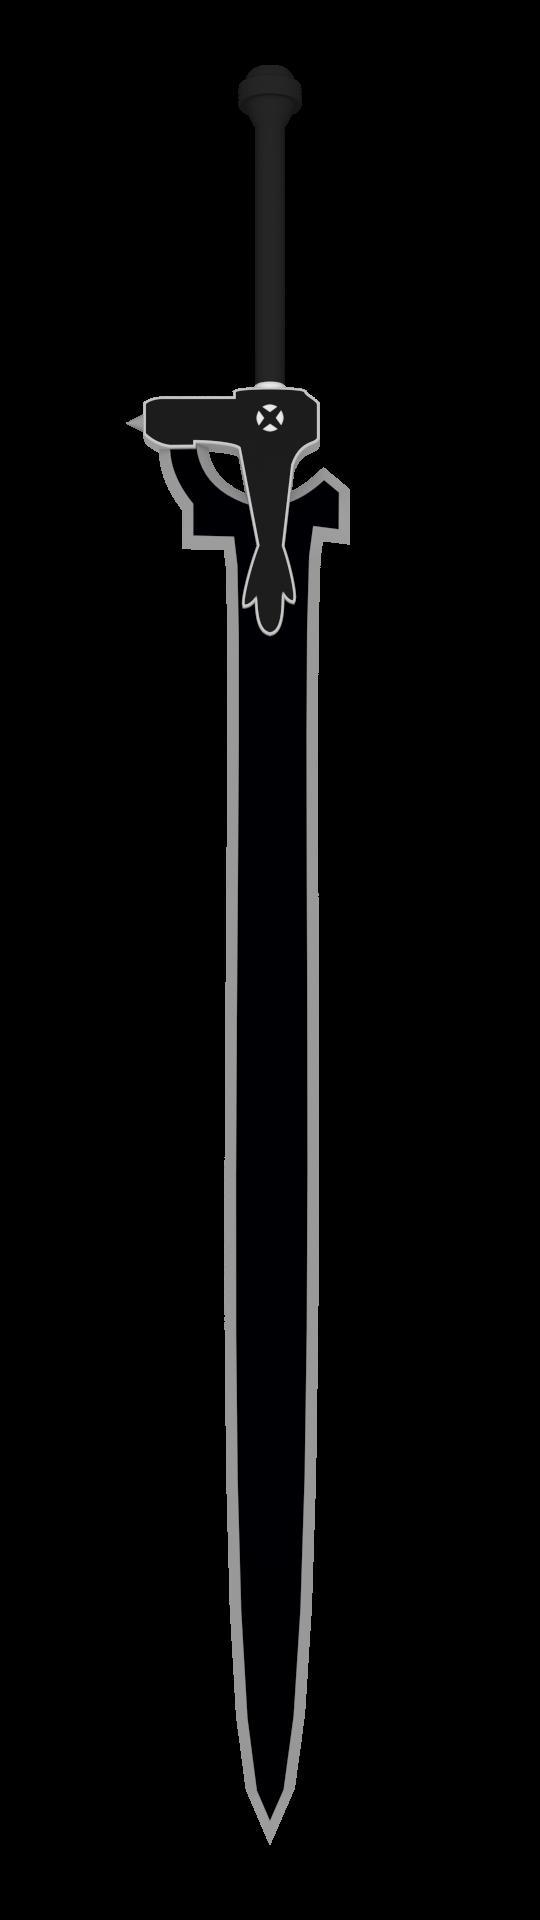 Elucidator sword art online by excaliburzero on deviantart elucidator sword art online by excaliburzero biocorpaavc